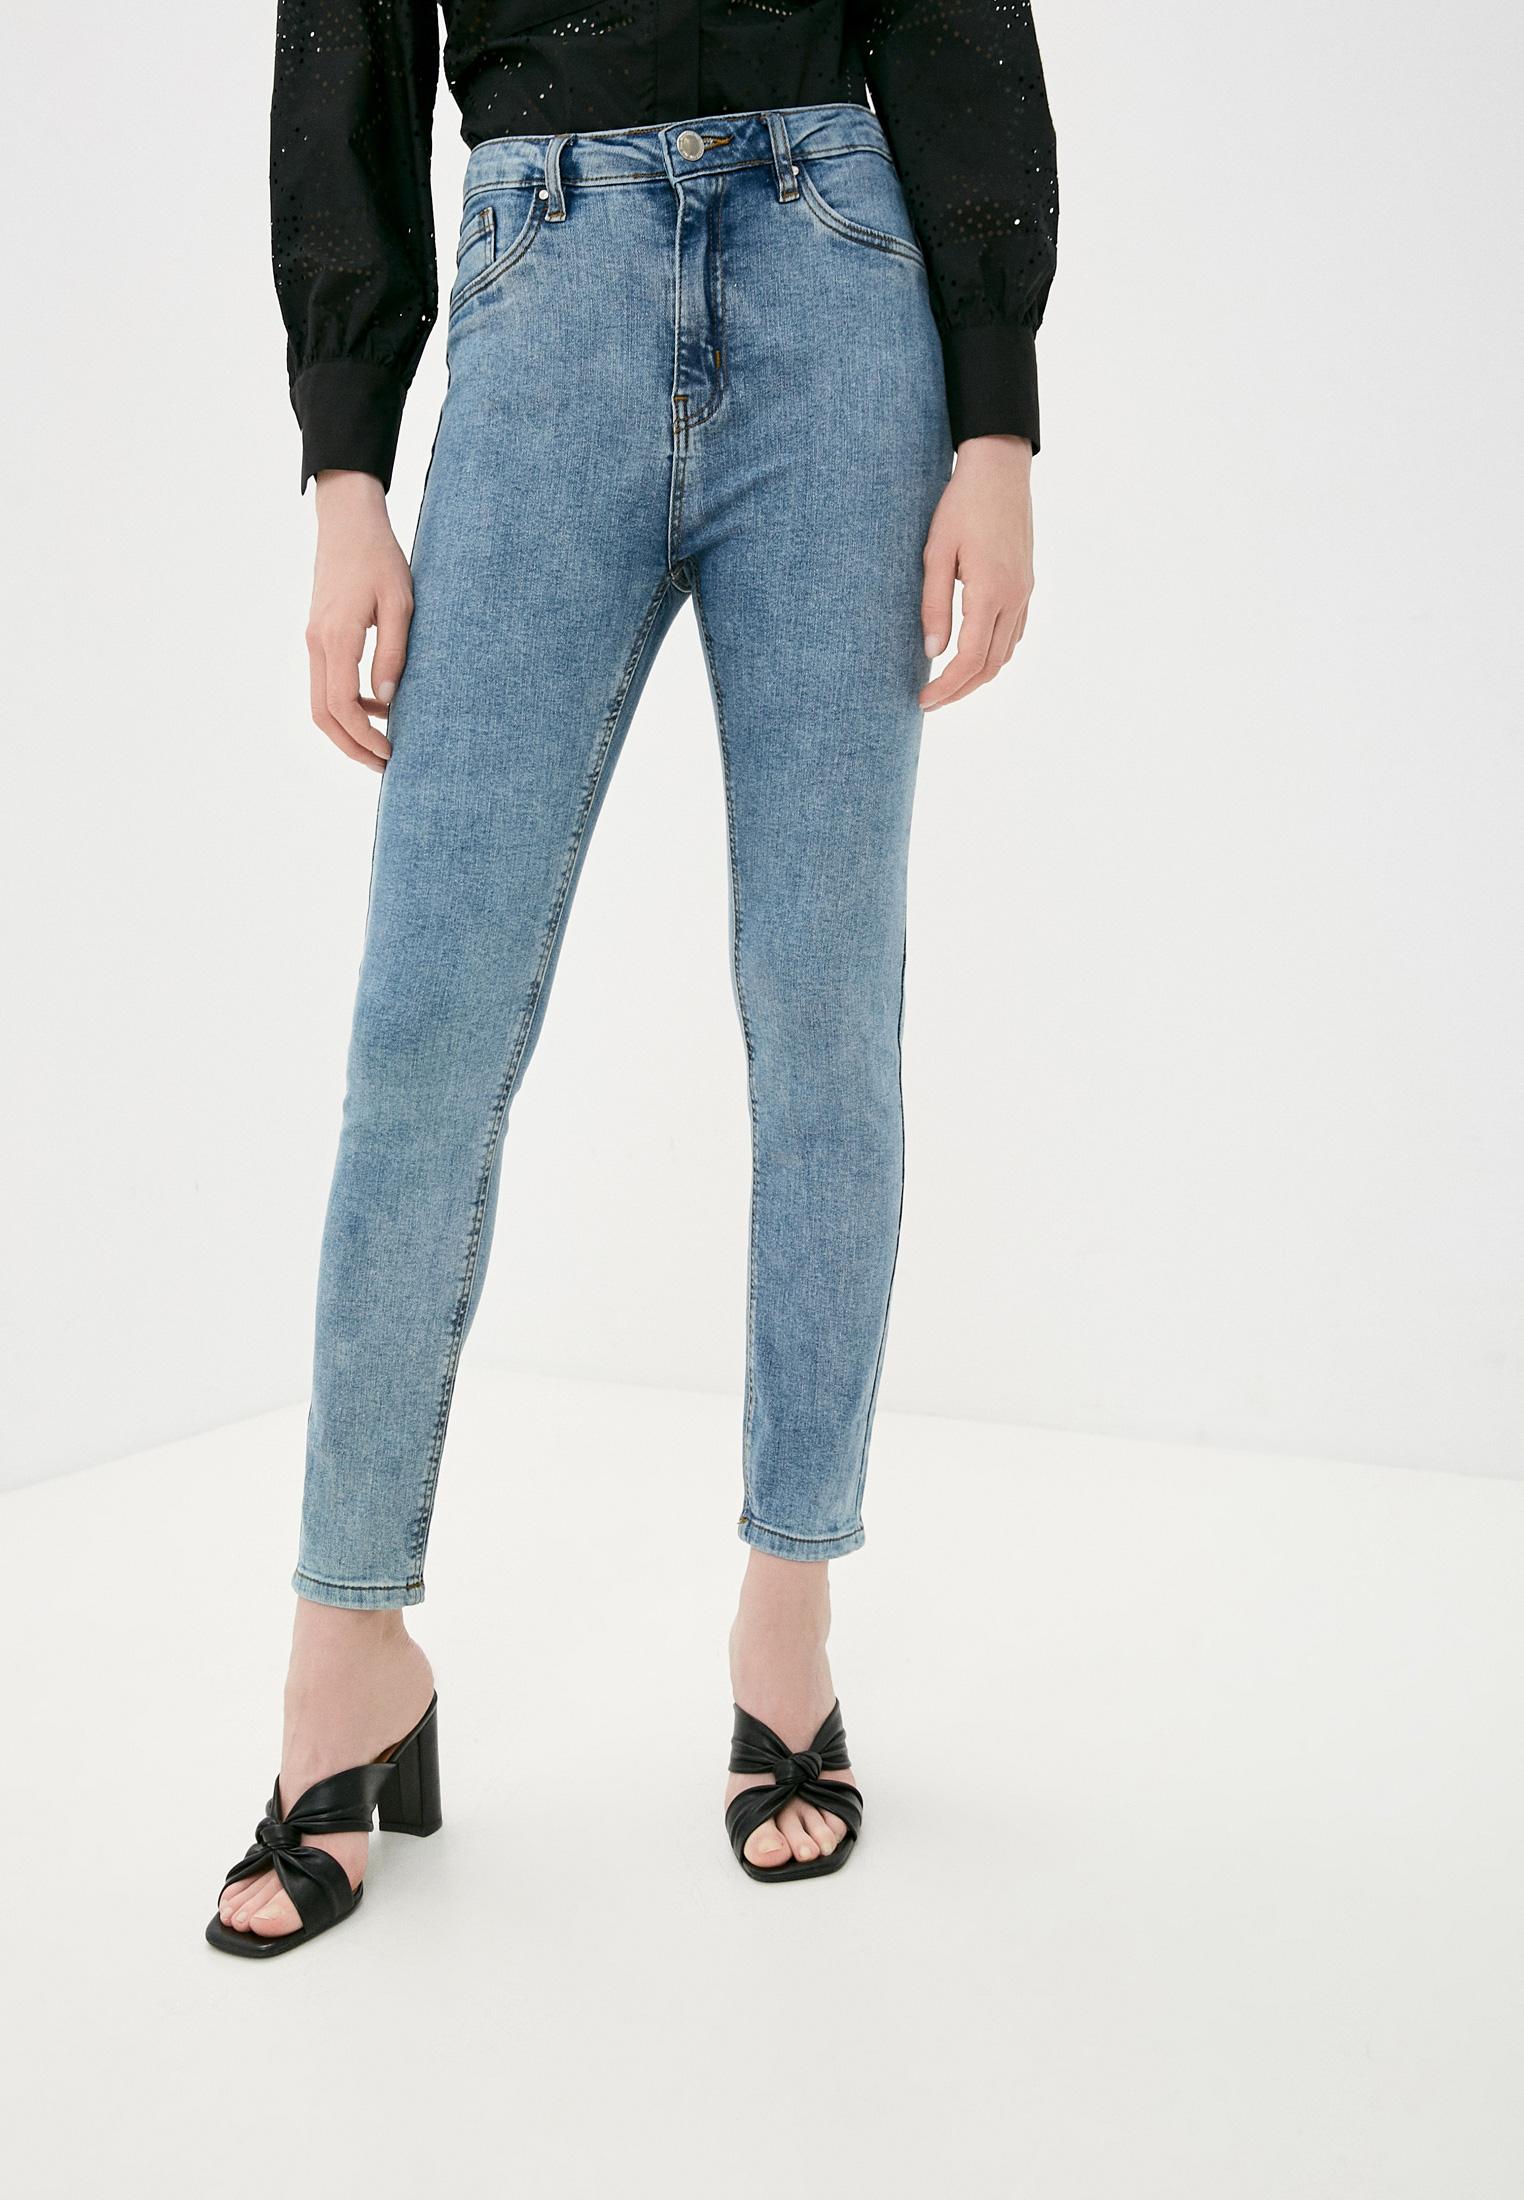 Зауженные джинсы Pink Woman 3020.22